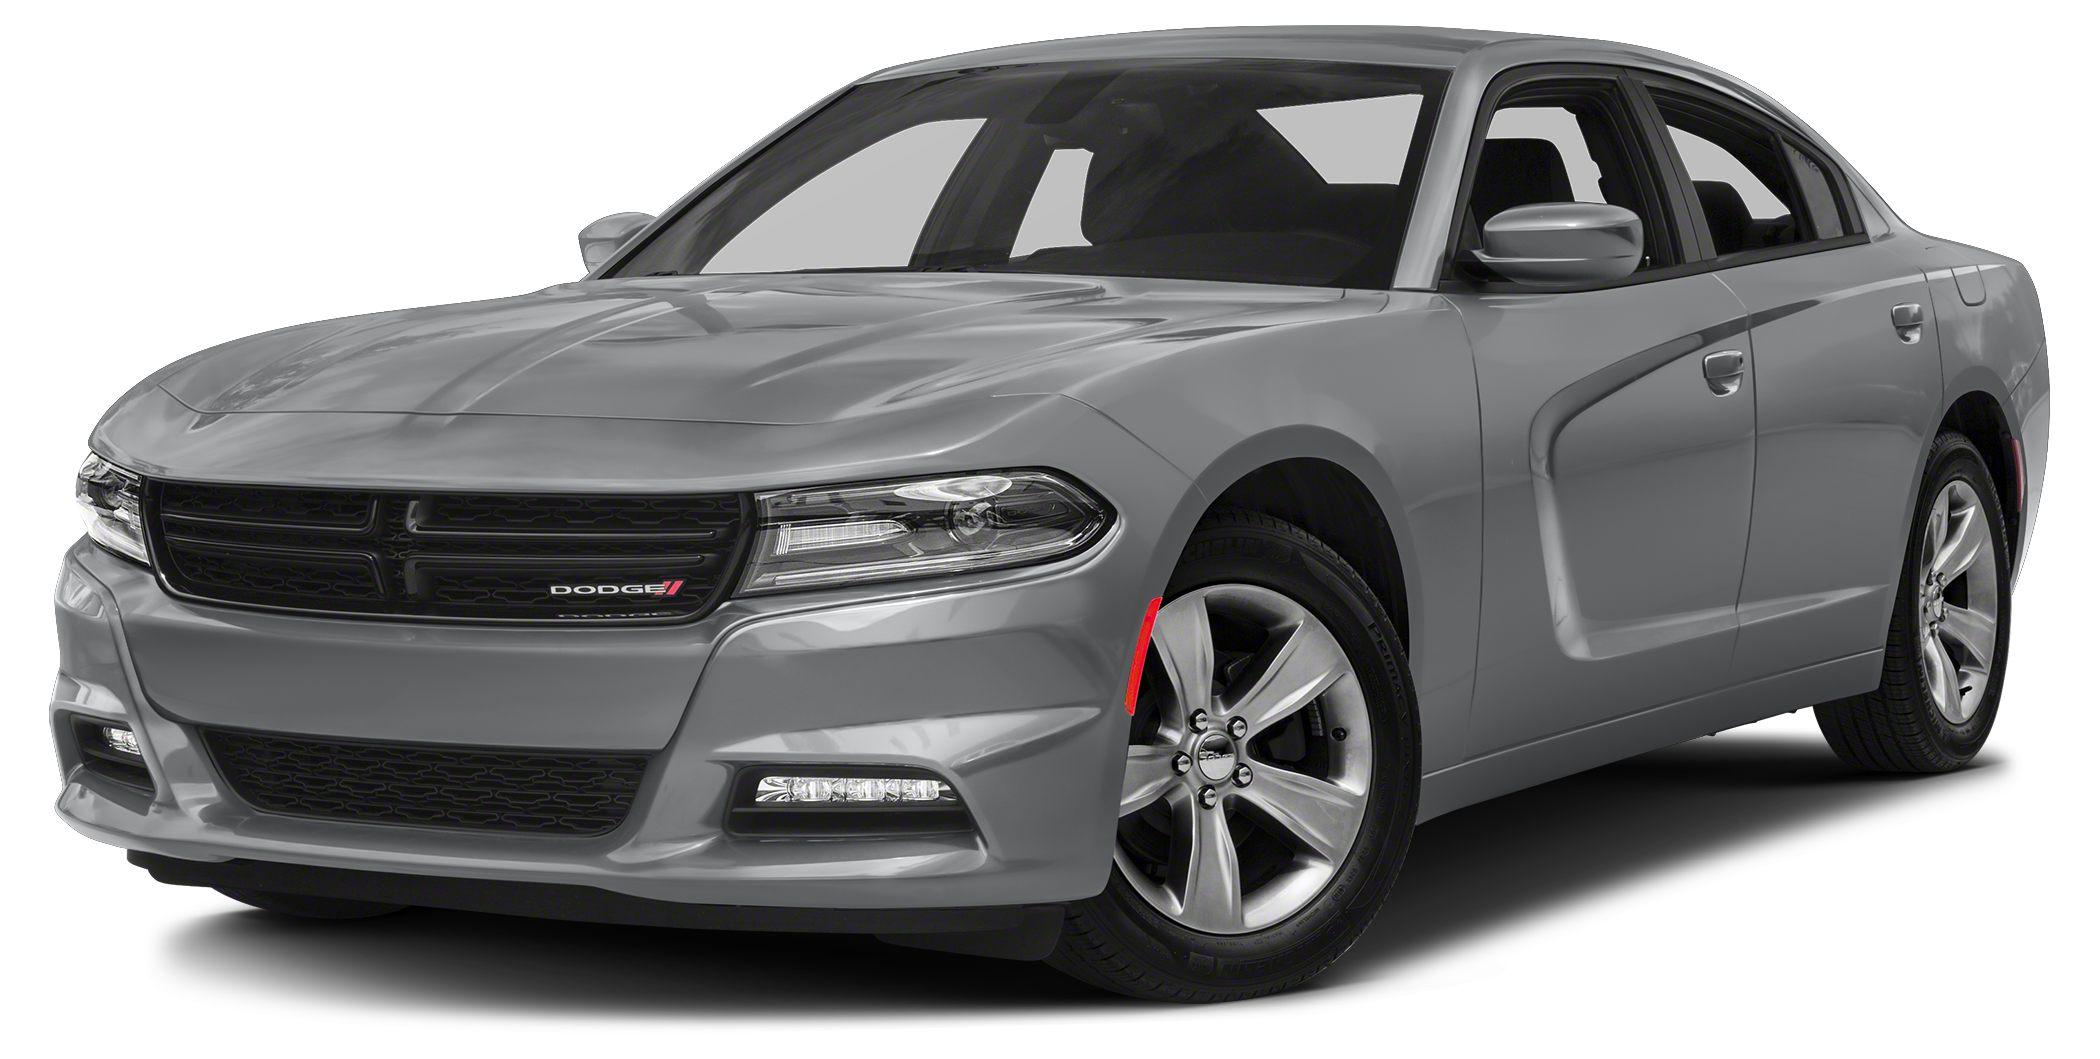 2016 Dodge Charger SXT Miles 9Color Light Arctic Gray Stock 16CH722 VIN 2C3CDXHG1GH307232